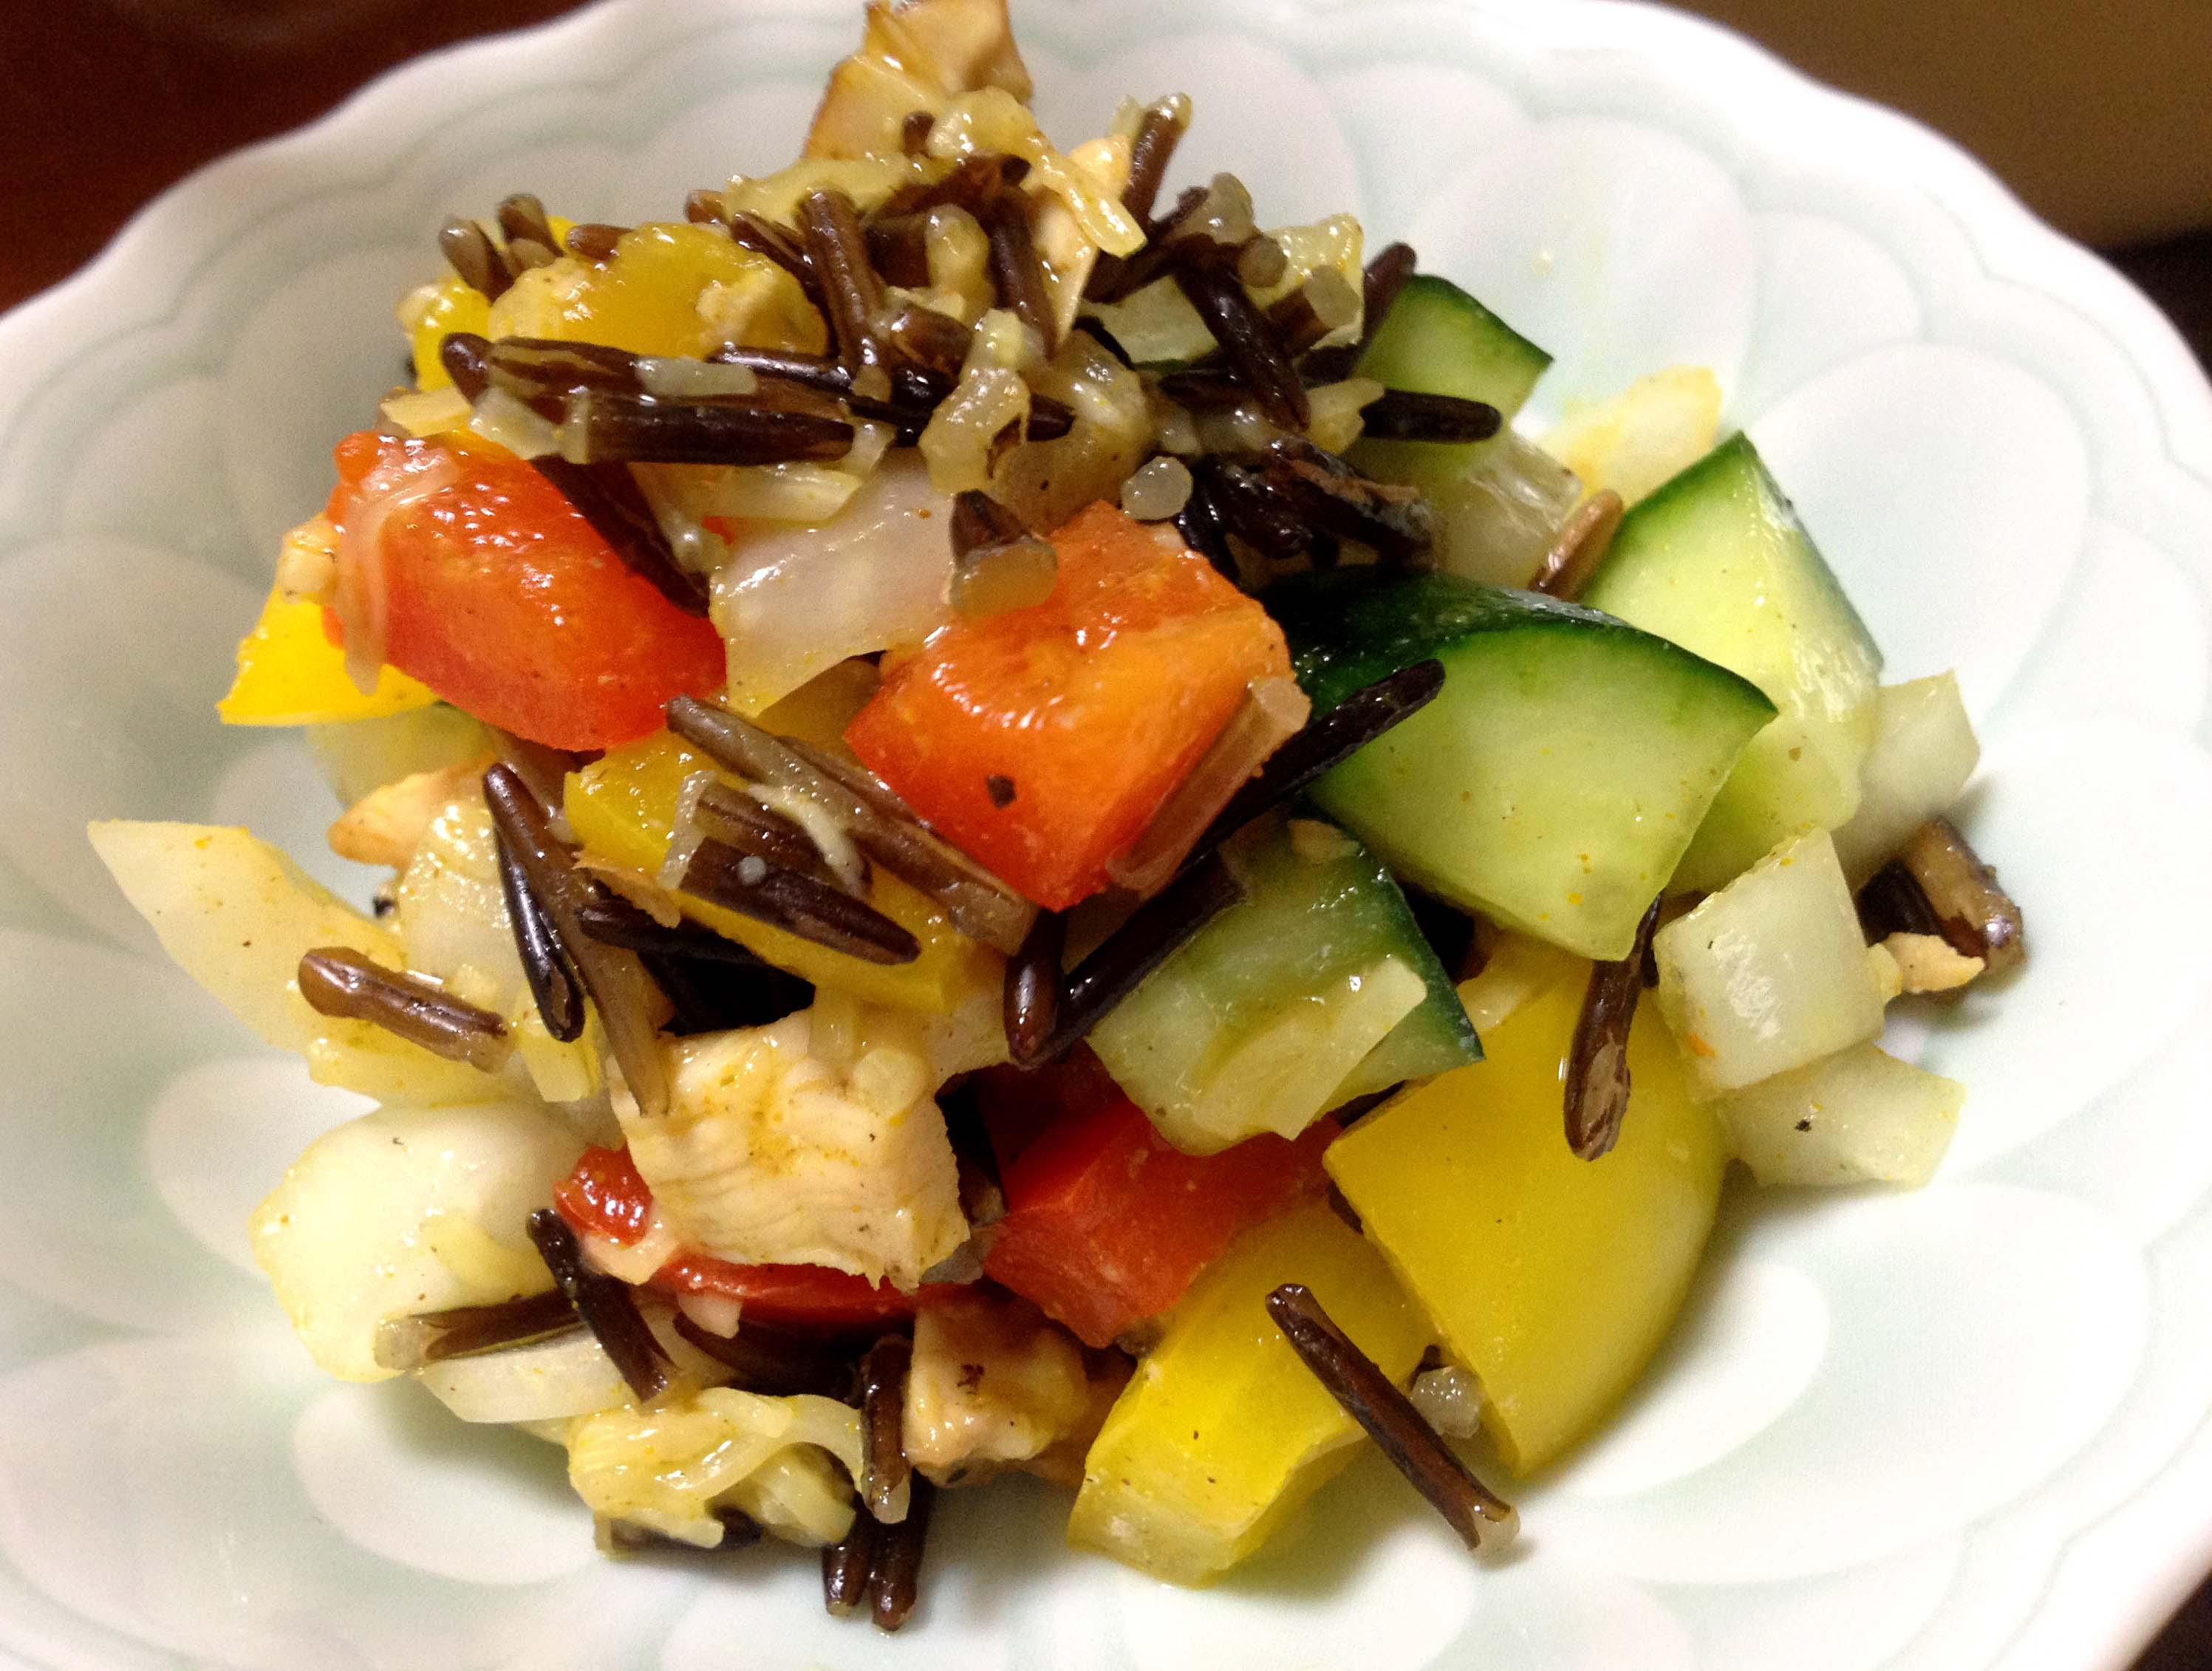 ティラキタ風ワイルドライスサラダの写真